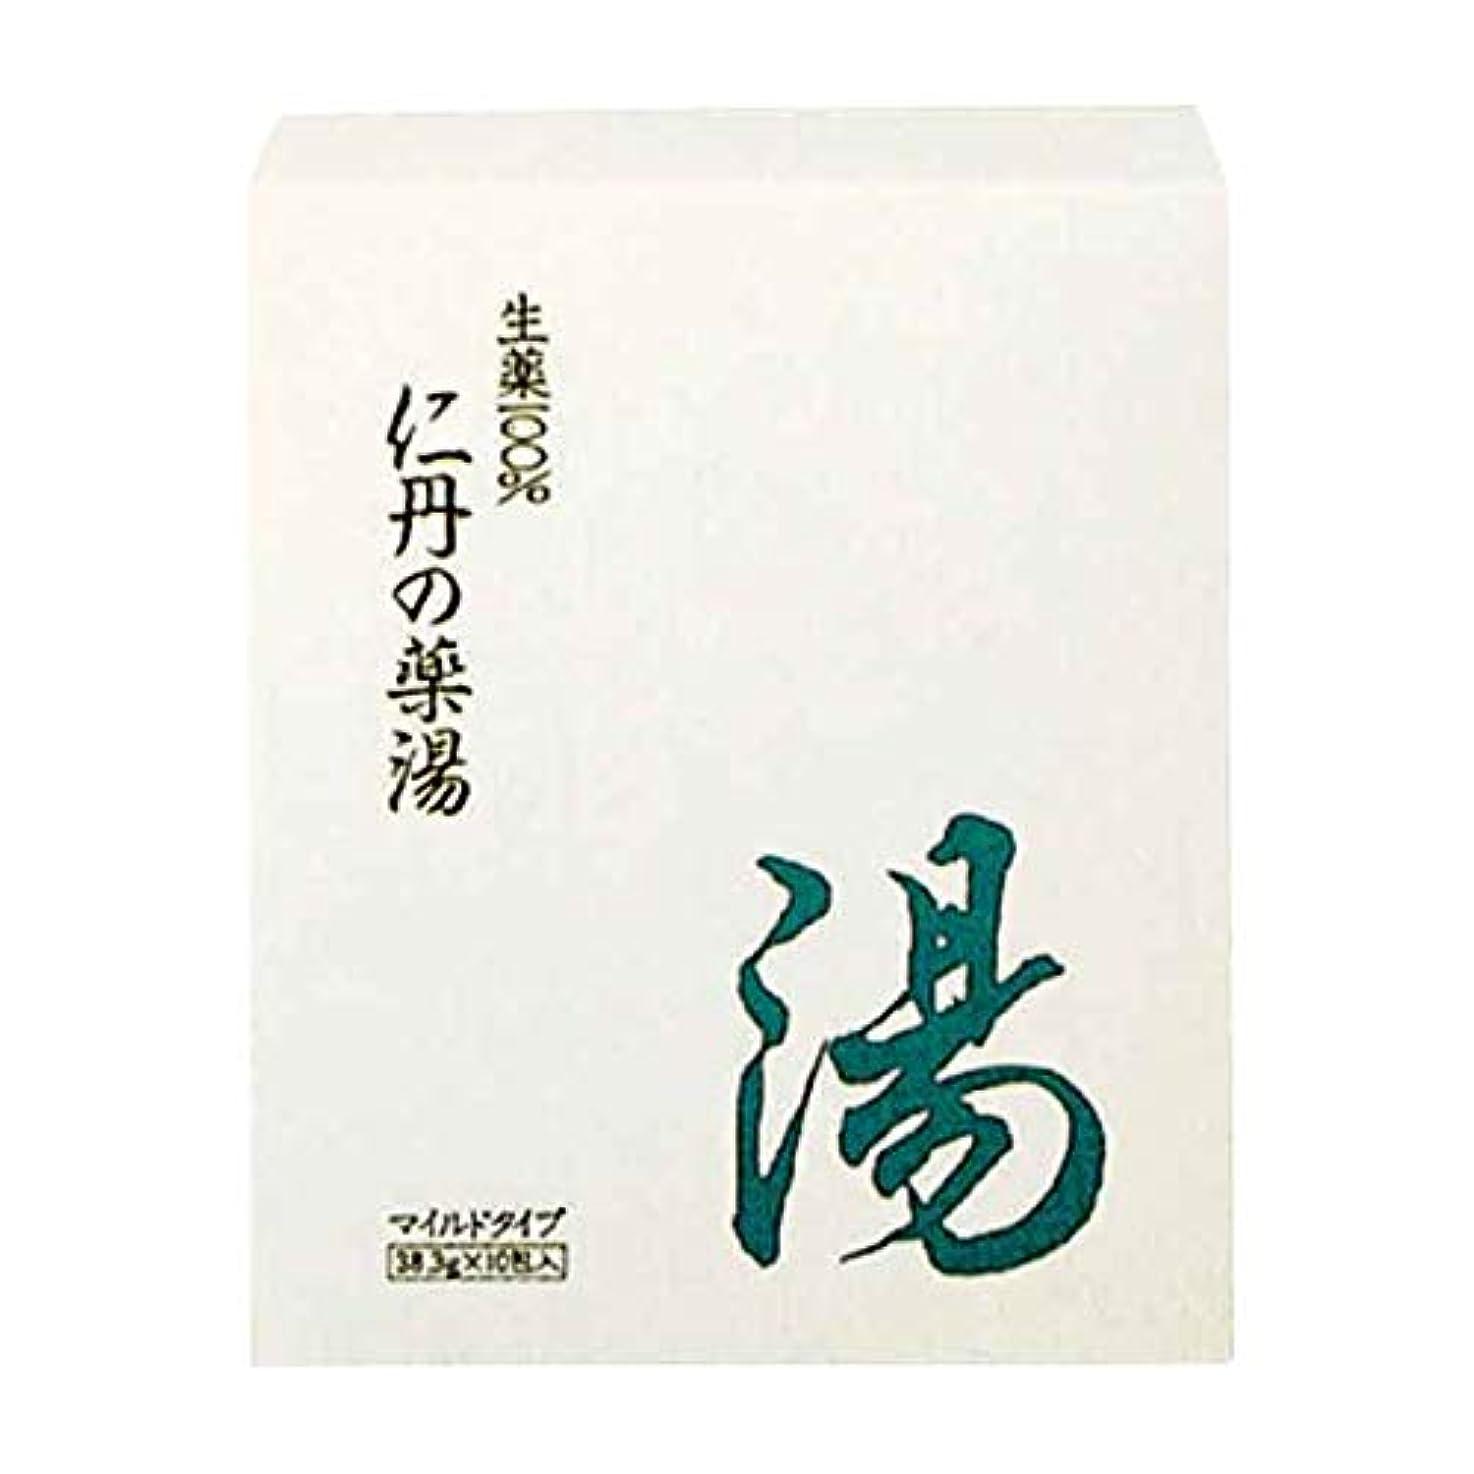 ペチコートリーク安全性森下仁丹 仁丹の薬湯(マイルド) 10包 [医薬部外品]